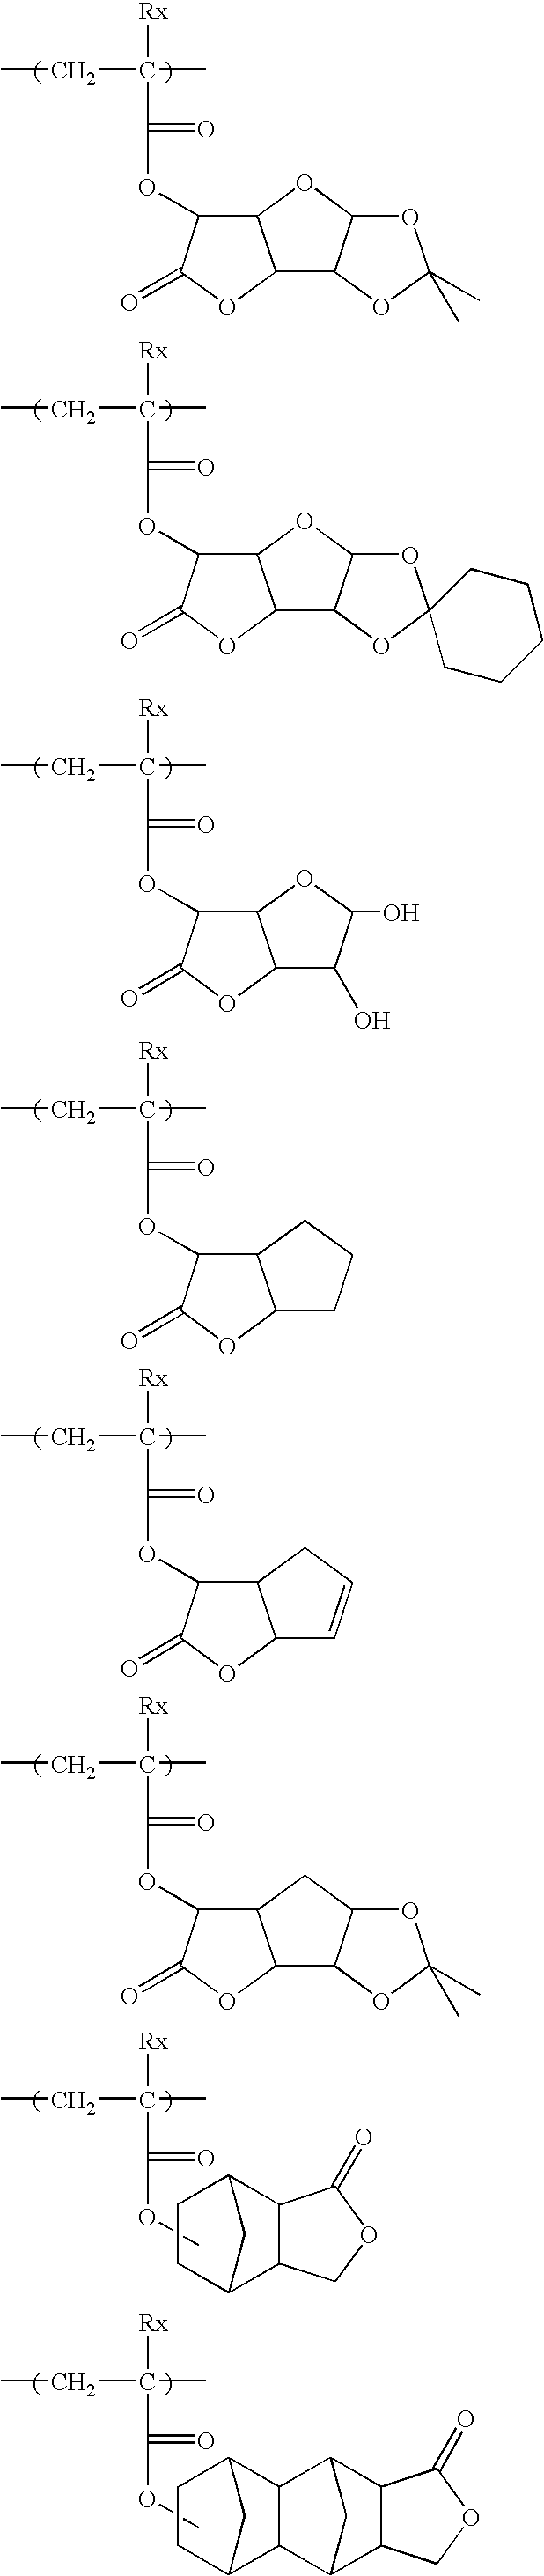 Figure US07998655-20110816-C00022